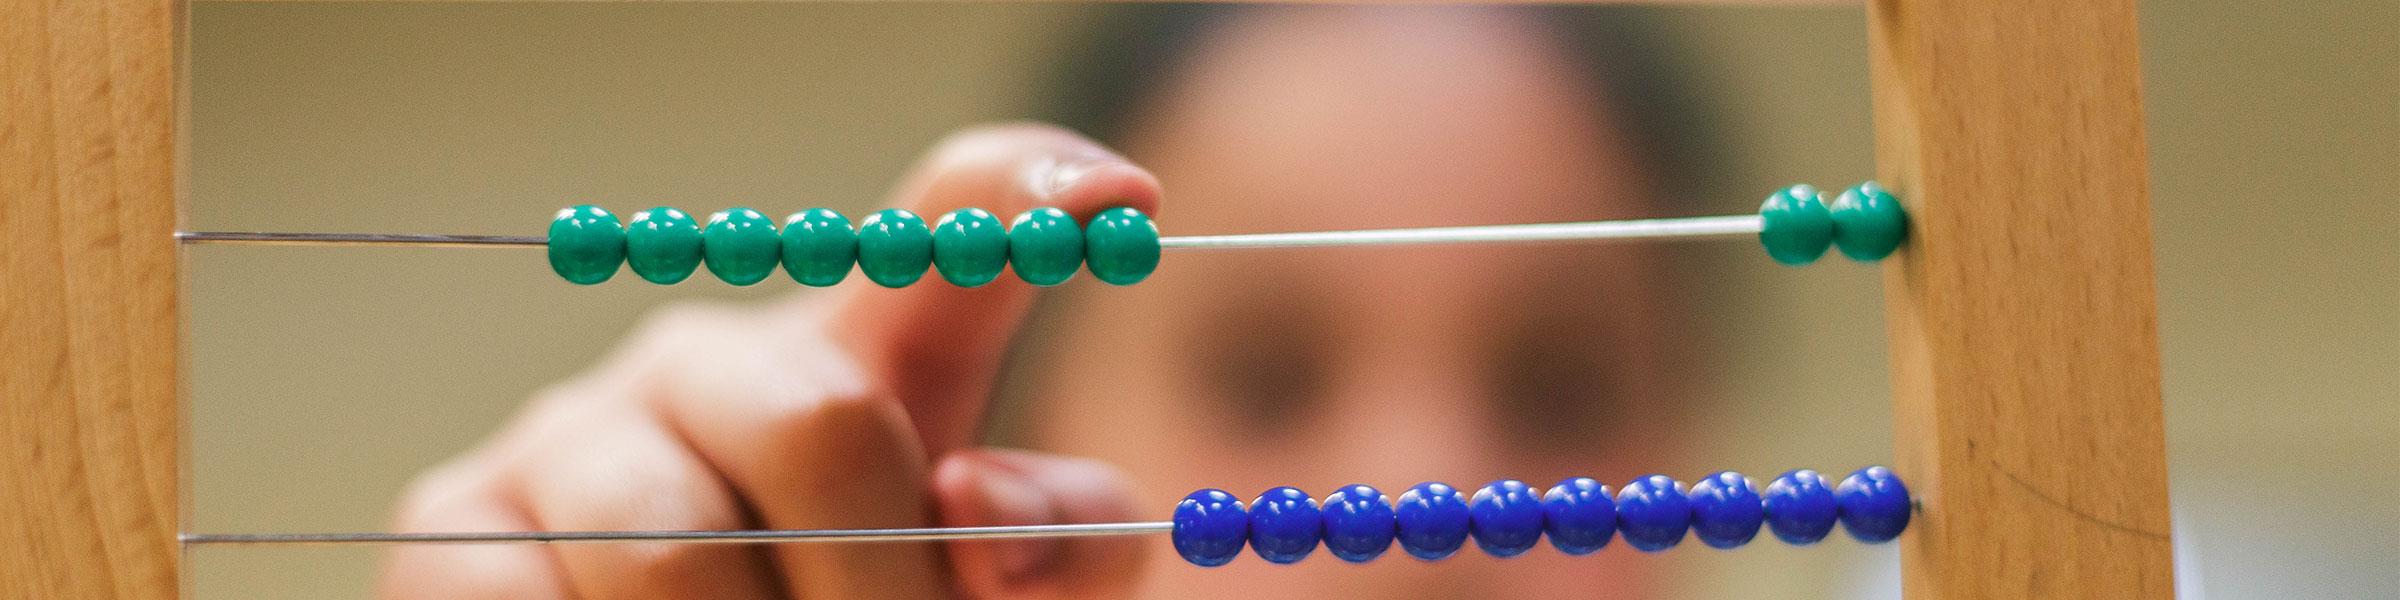 Montessori abacus material